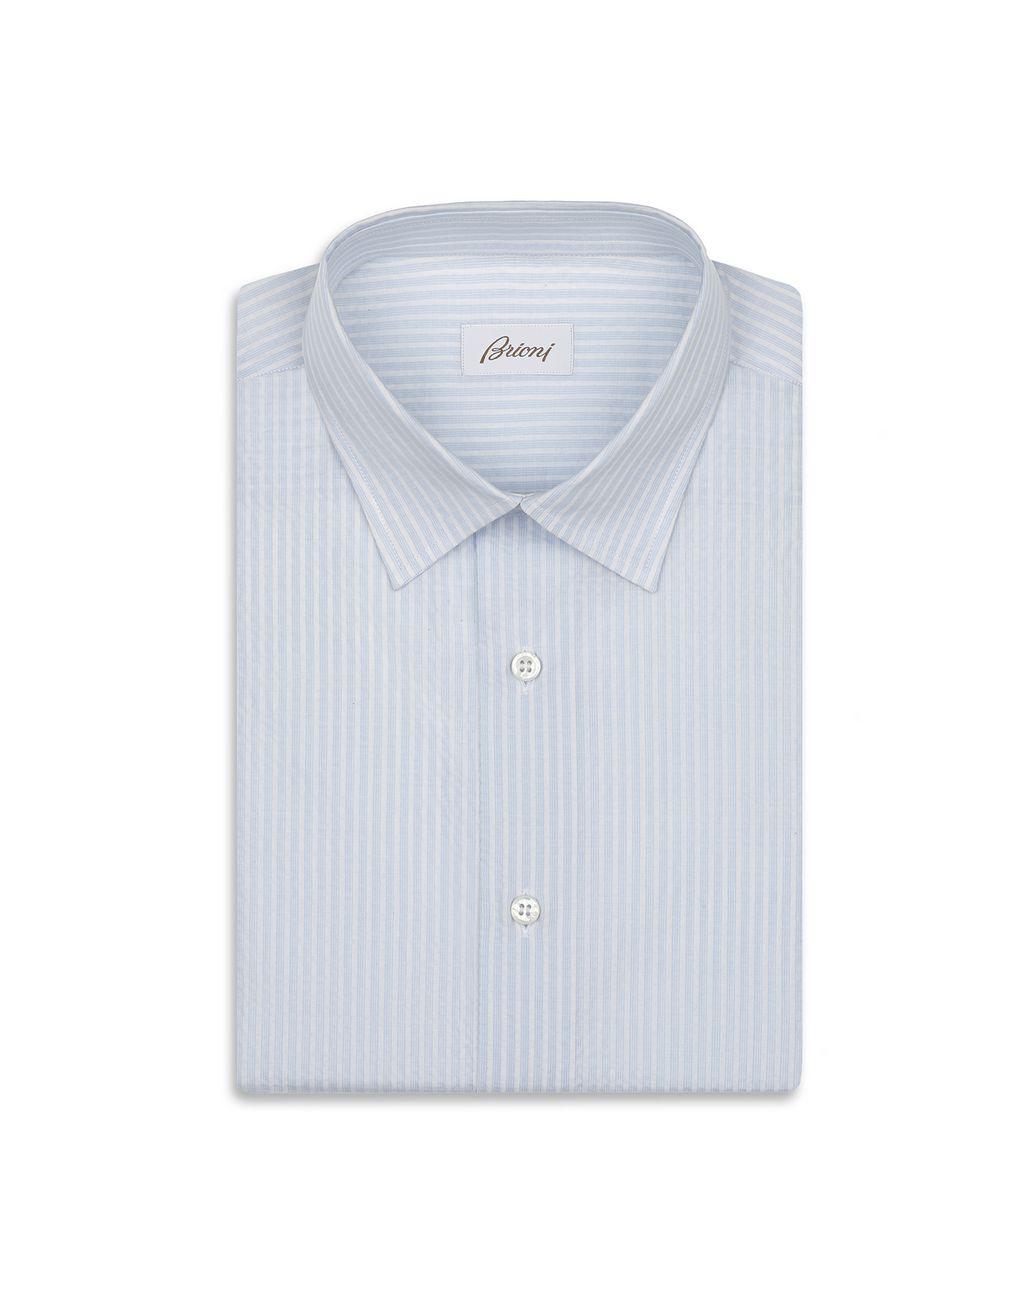 BRIONI Рубашка из ткани сирсакер голубого и белого цветов Повседневная рубашка Для Мужчин f